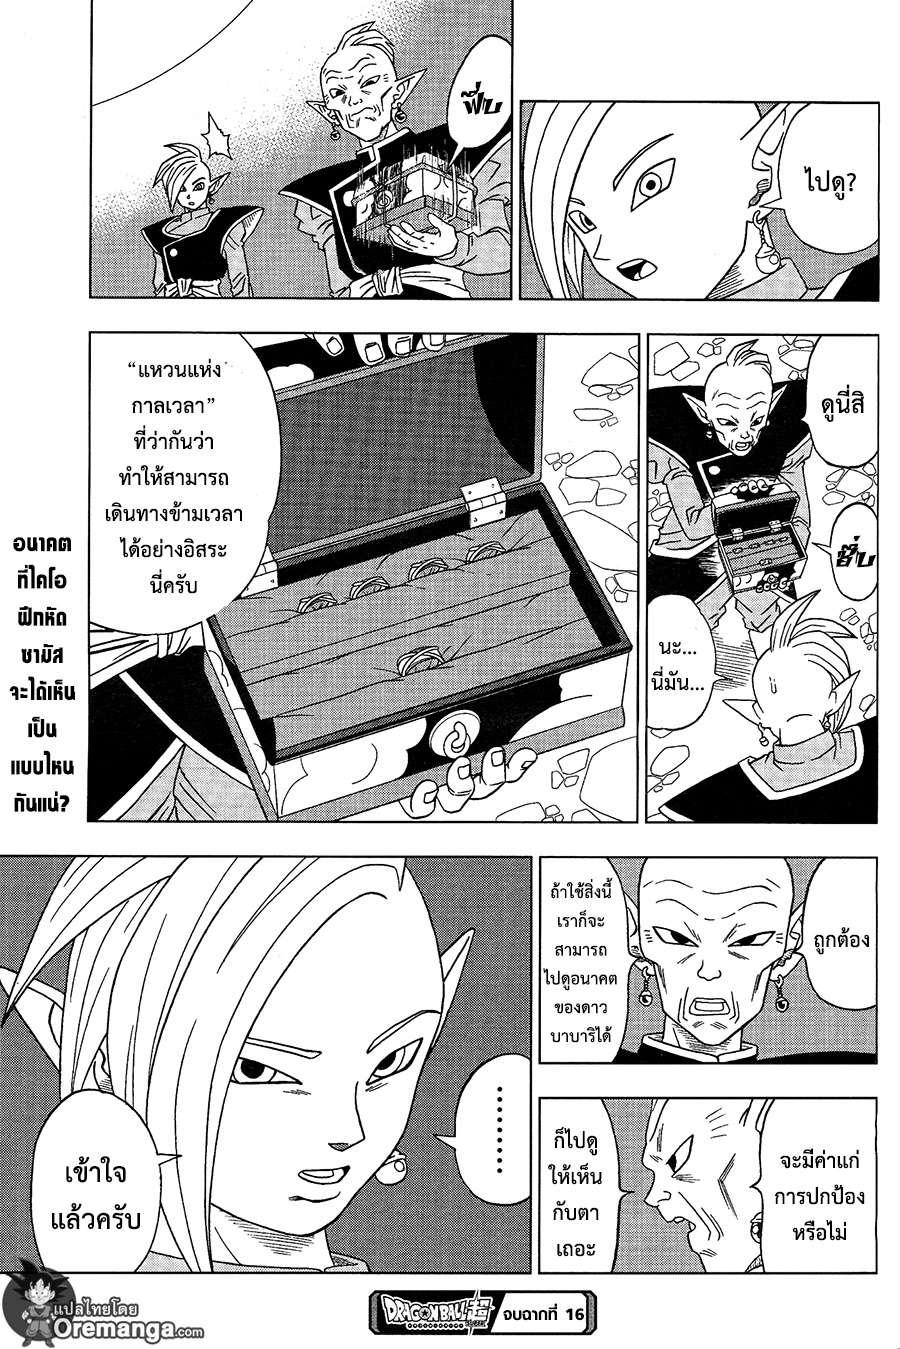 อ่านการ์ตูน Dragonball Super ตอนที่ 16 หน้าที่ 39